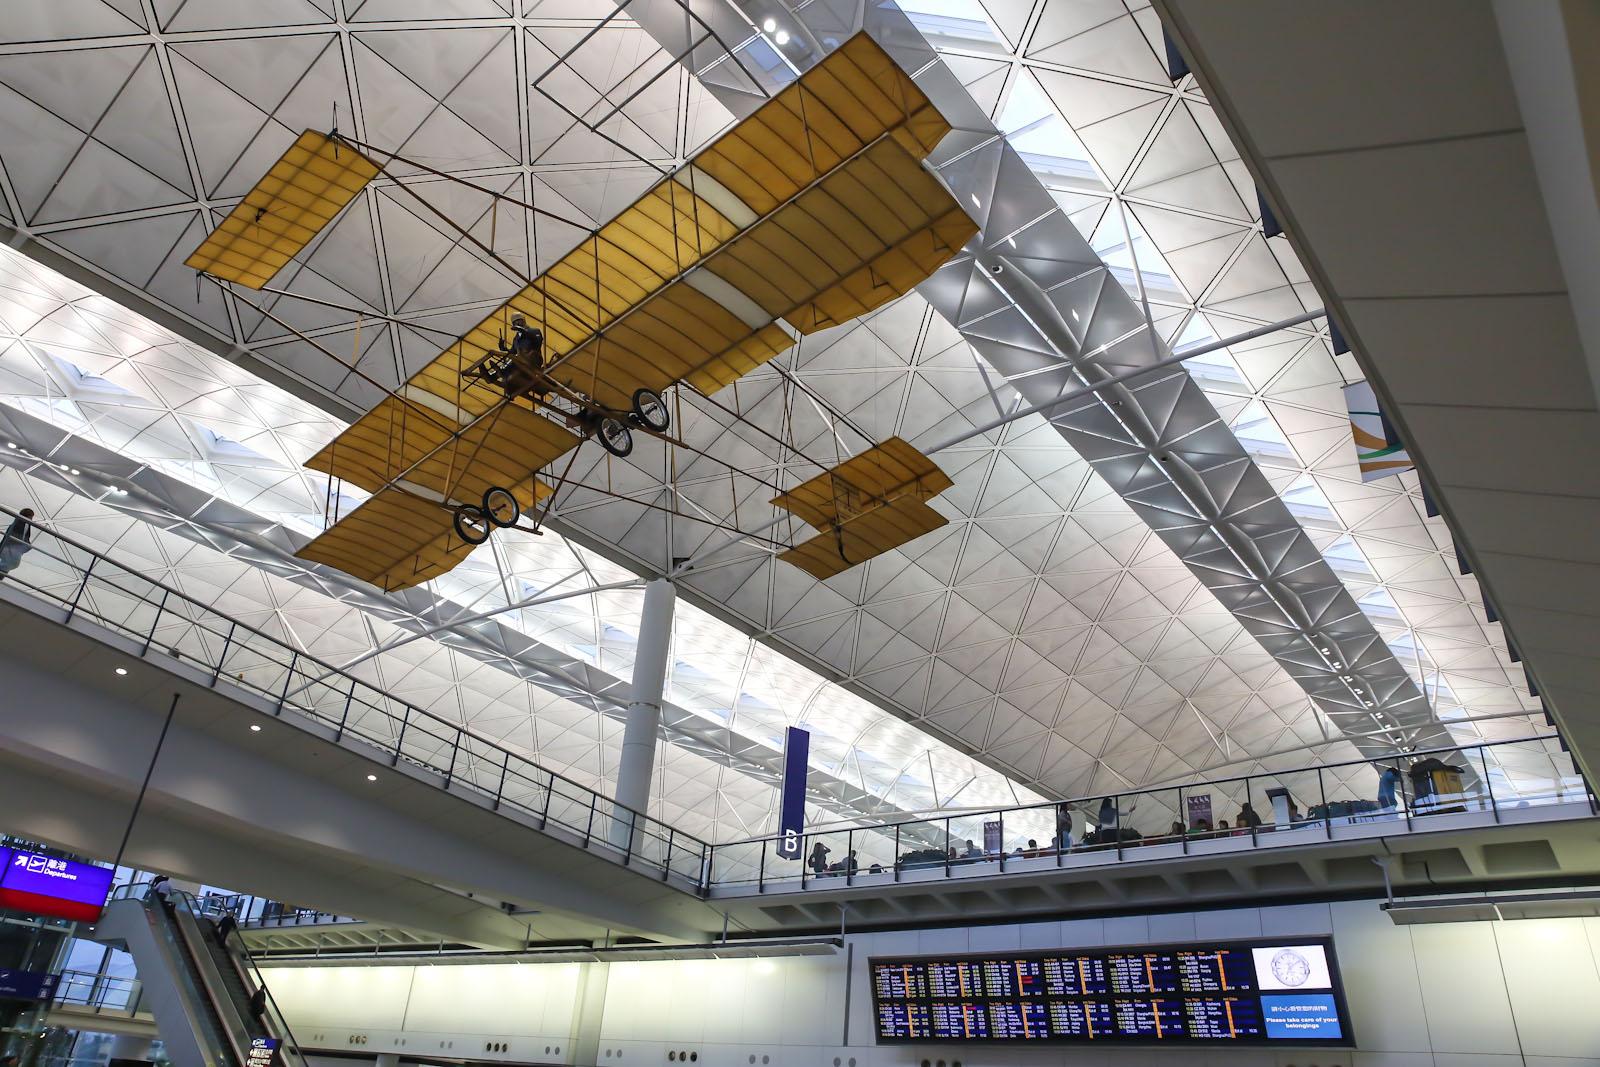 Реплика самолета Farman IV в терминале 1 аэропорта Гонконг